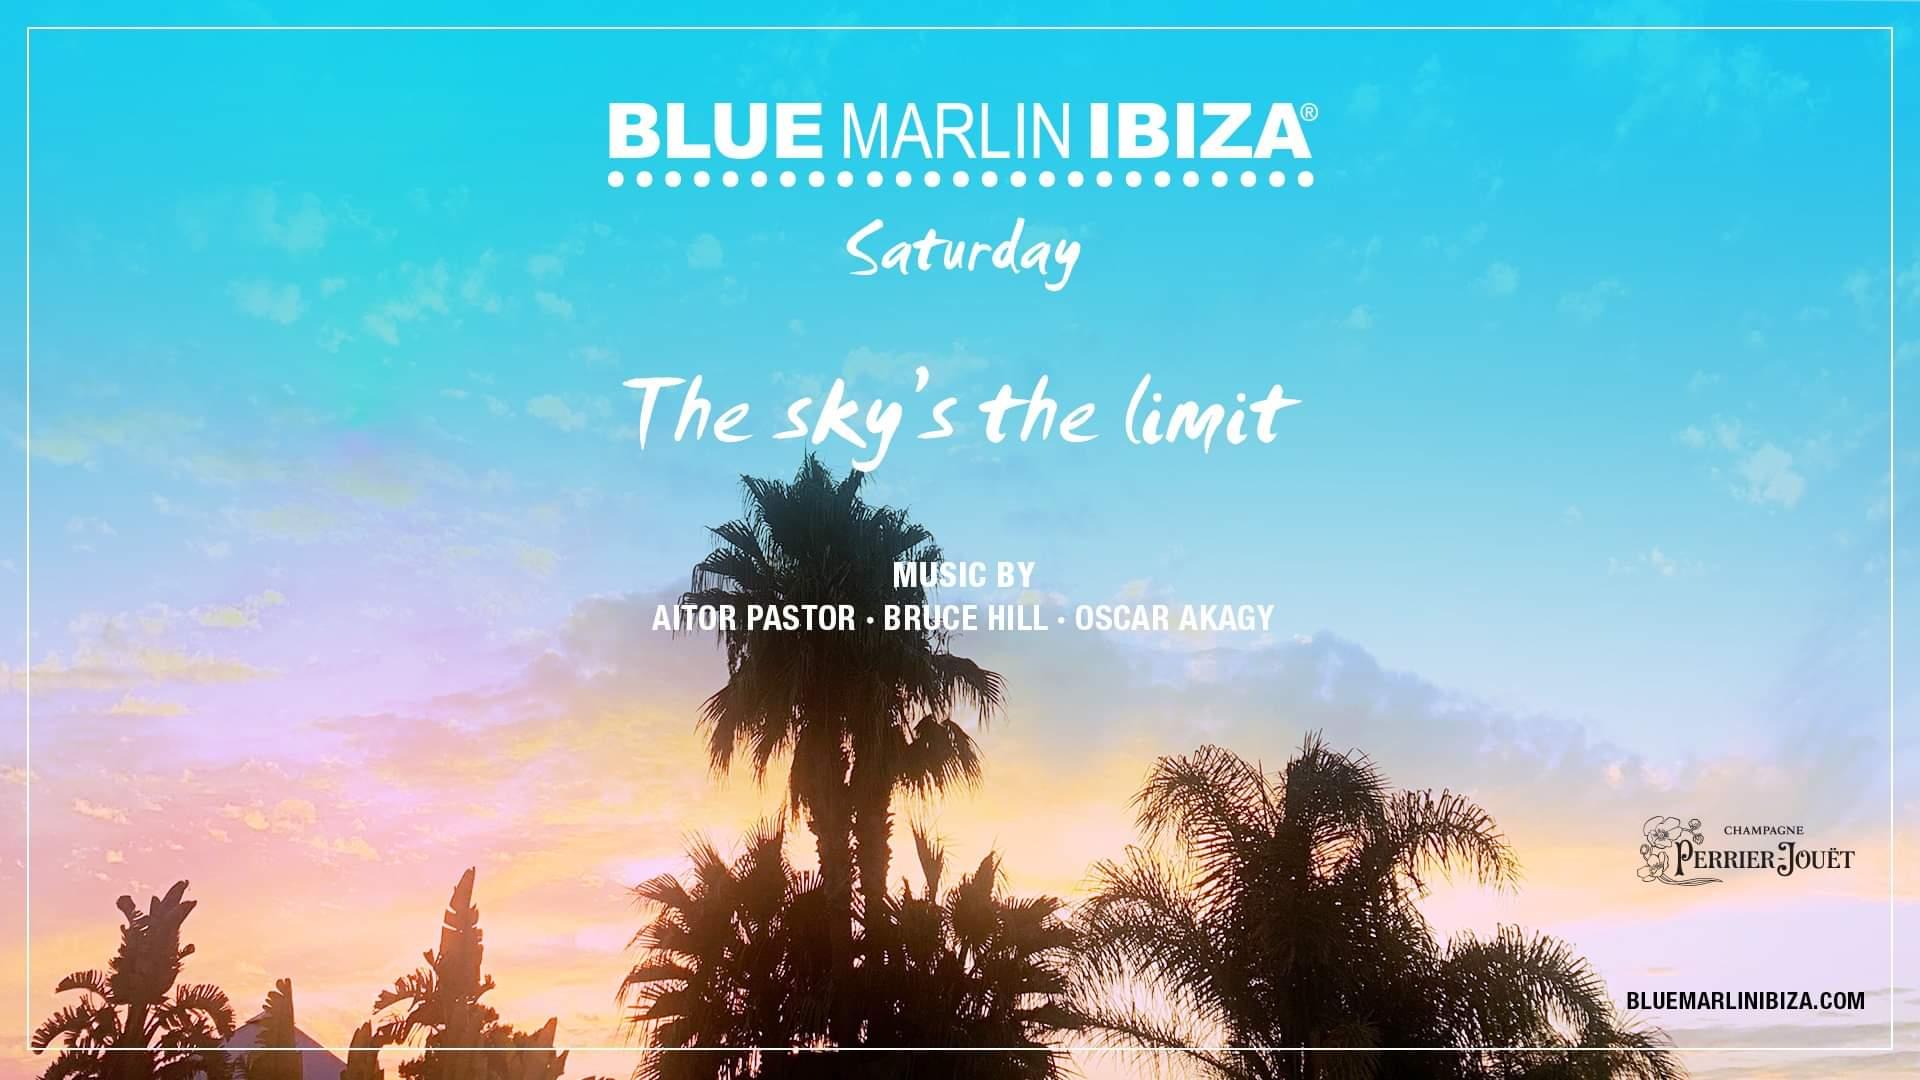 Blue Marlin Ibiza 2021 eventos todos los sábados 2021 The Sky´s the limit